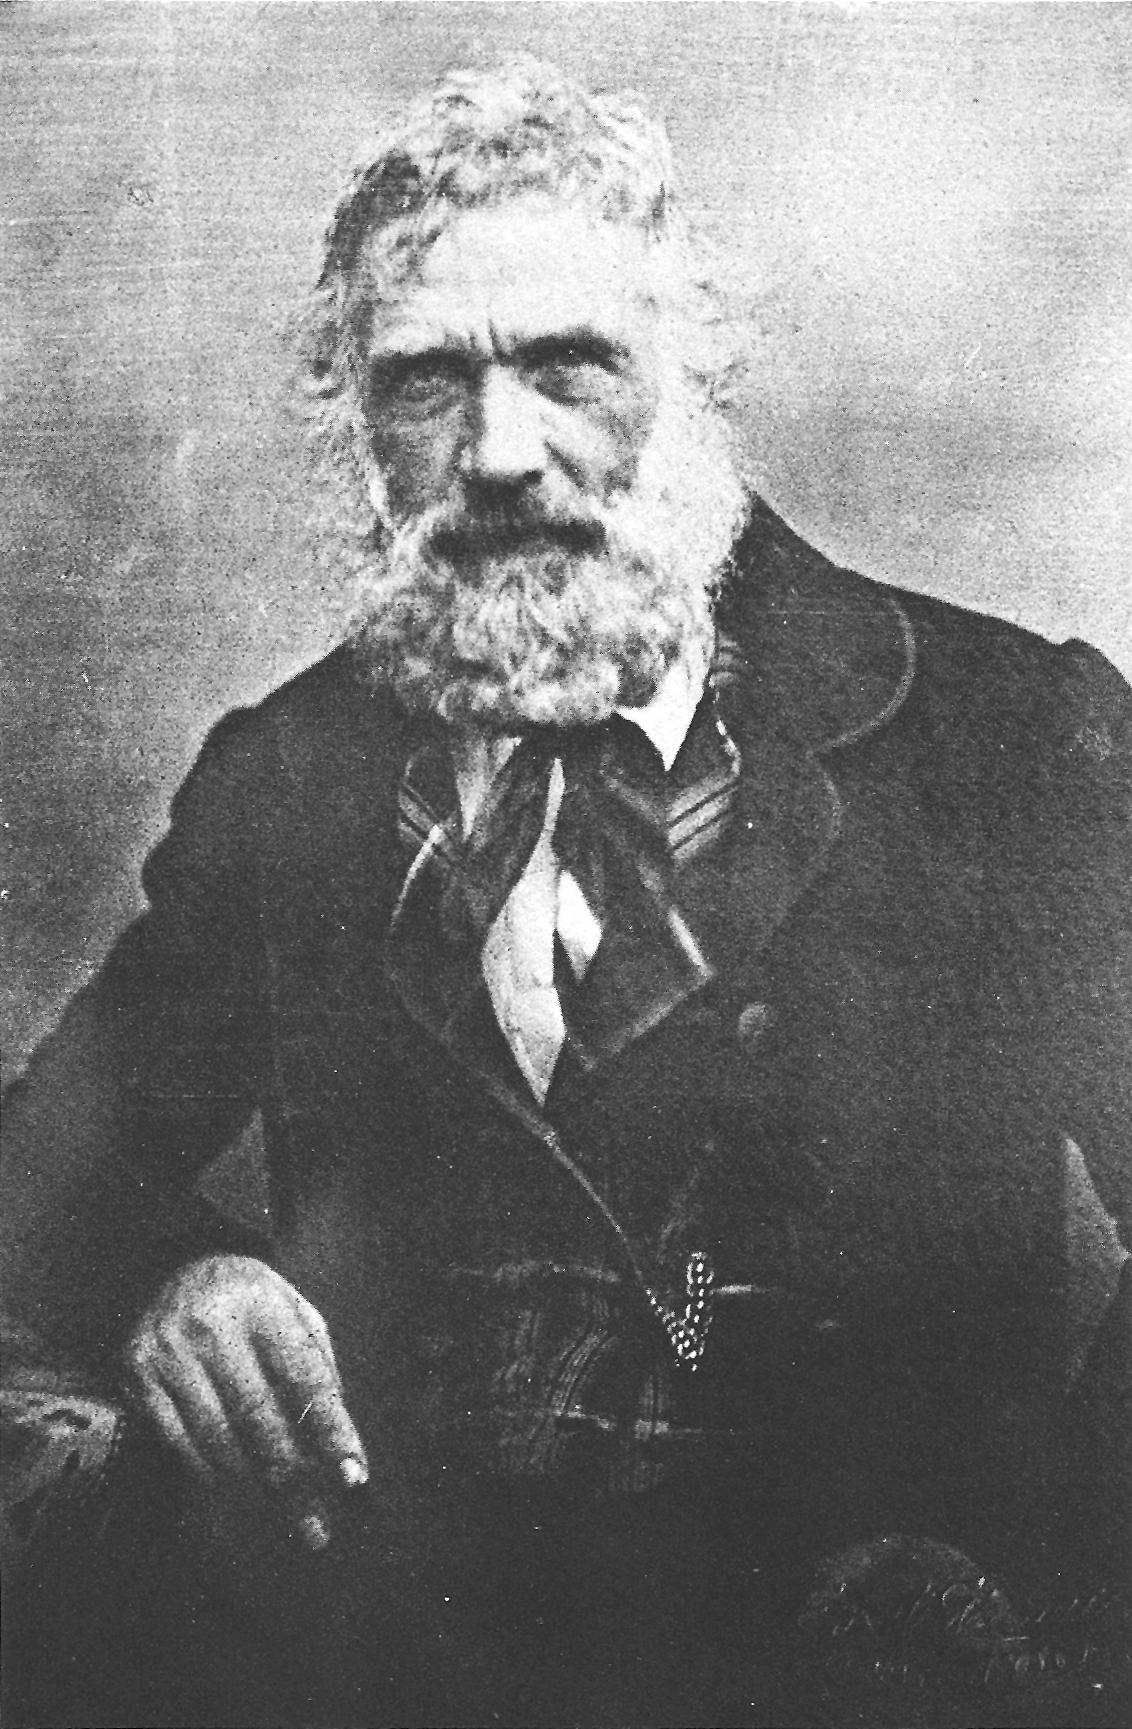 Image of Johann Baptiste Isenring from Wikidata